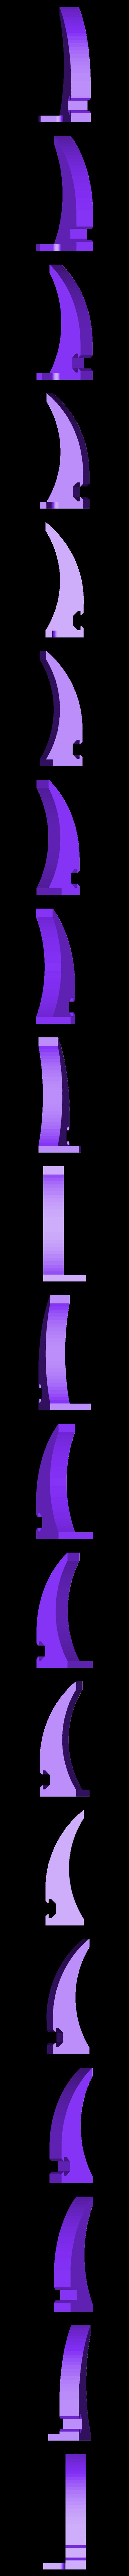 Encaje_bobina_derecha.stl Télécharger fichier STL gratuit Support de filament / Support universel de bobine de filament • Modèle pour impression 3D, ymagine